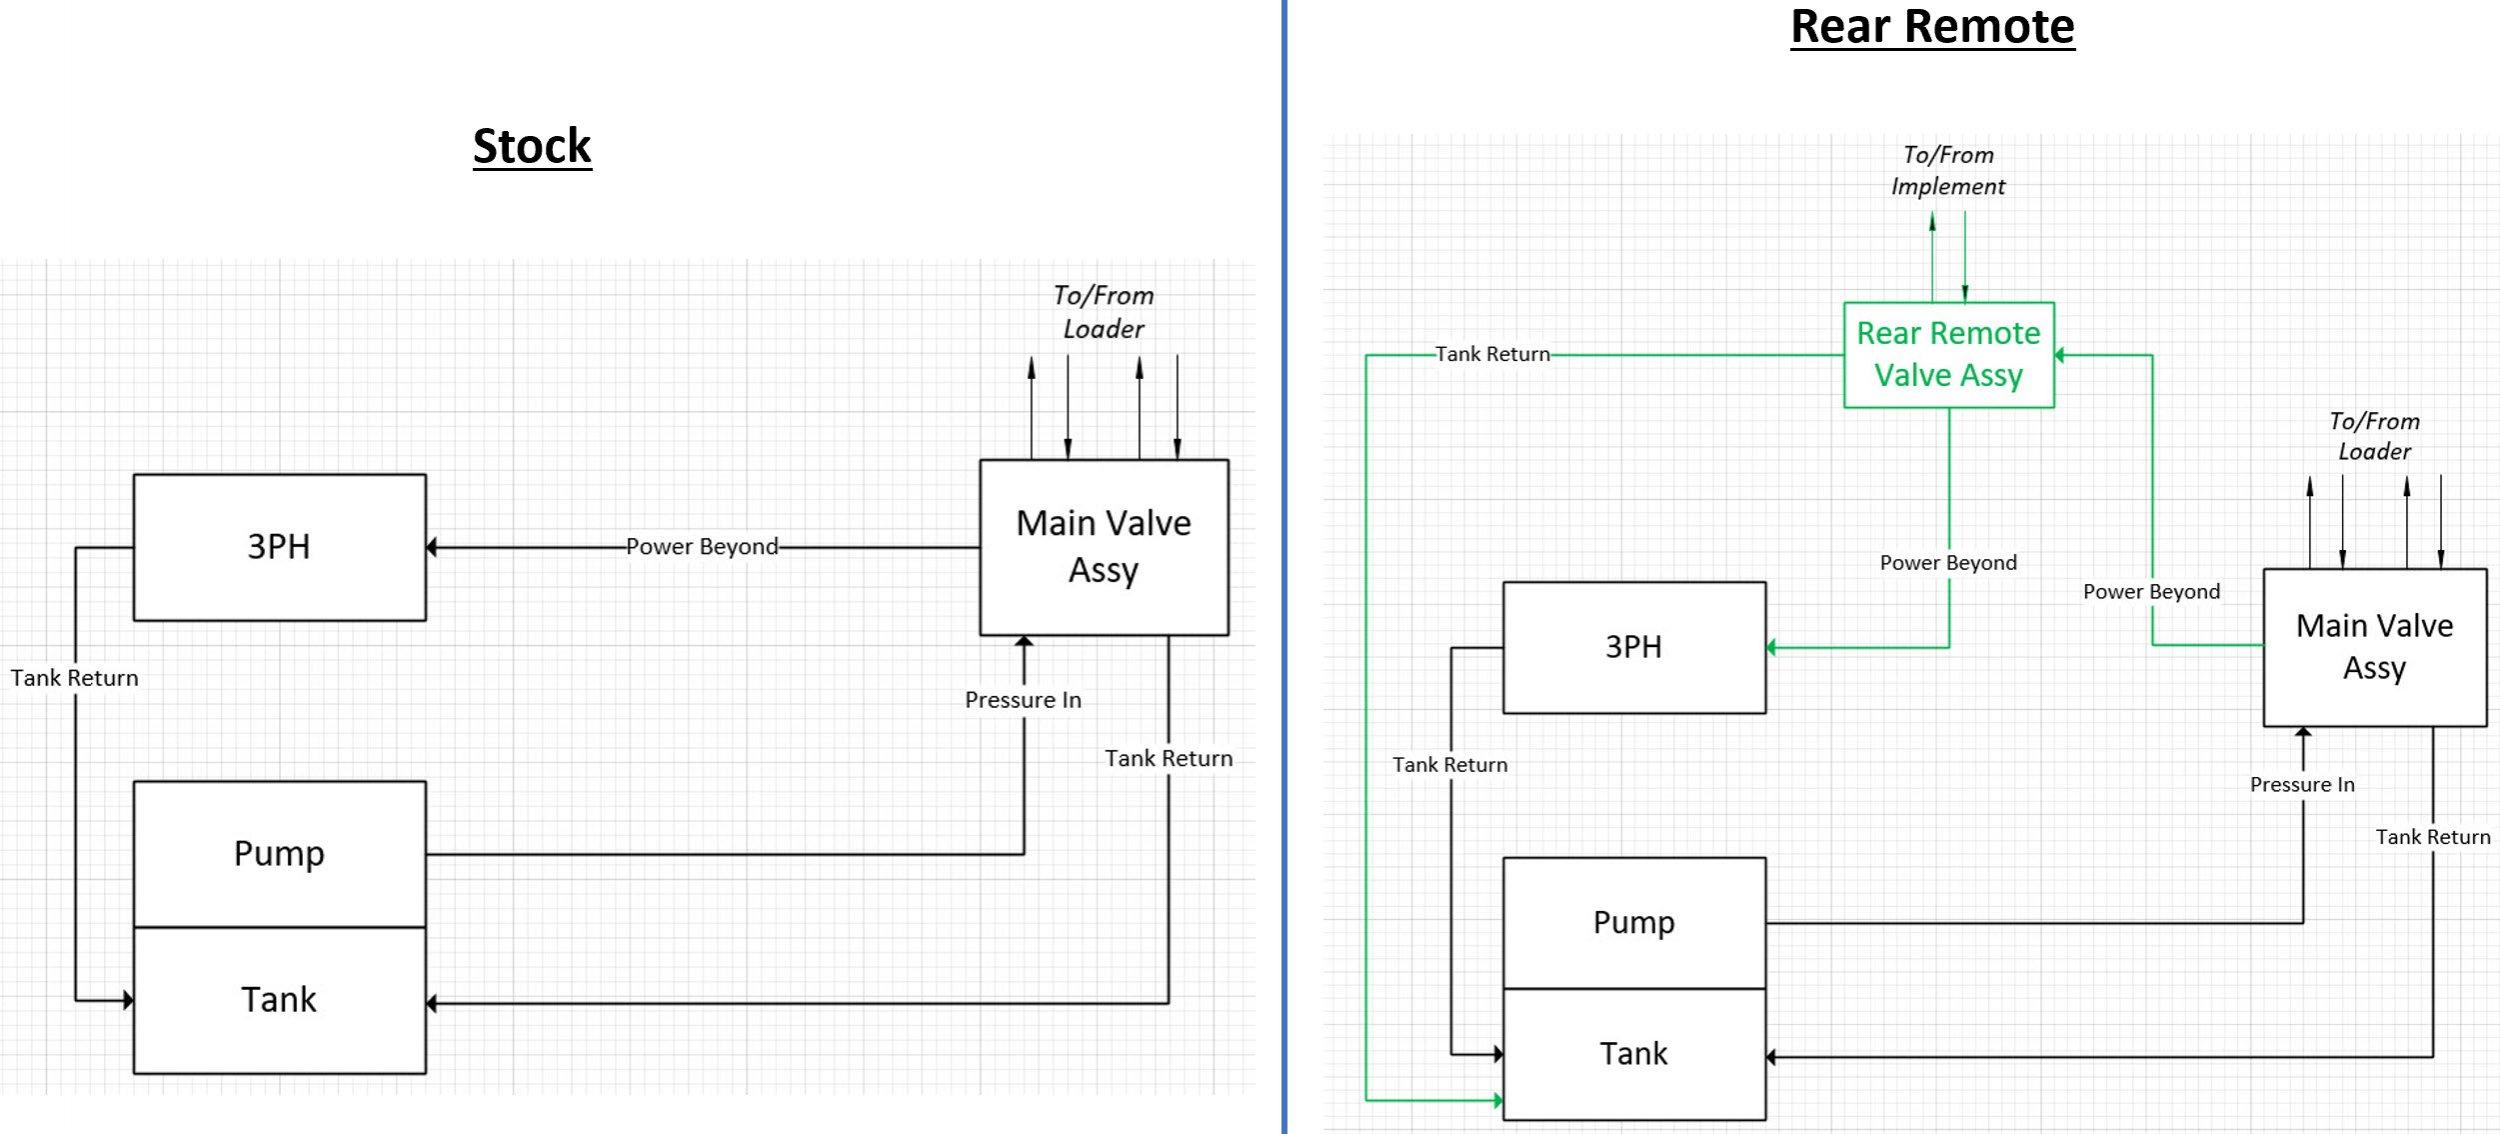 schematic_remotes.jpg